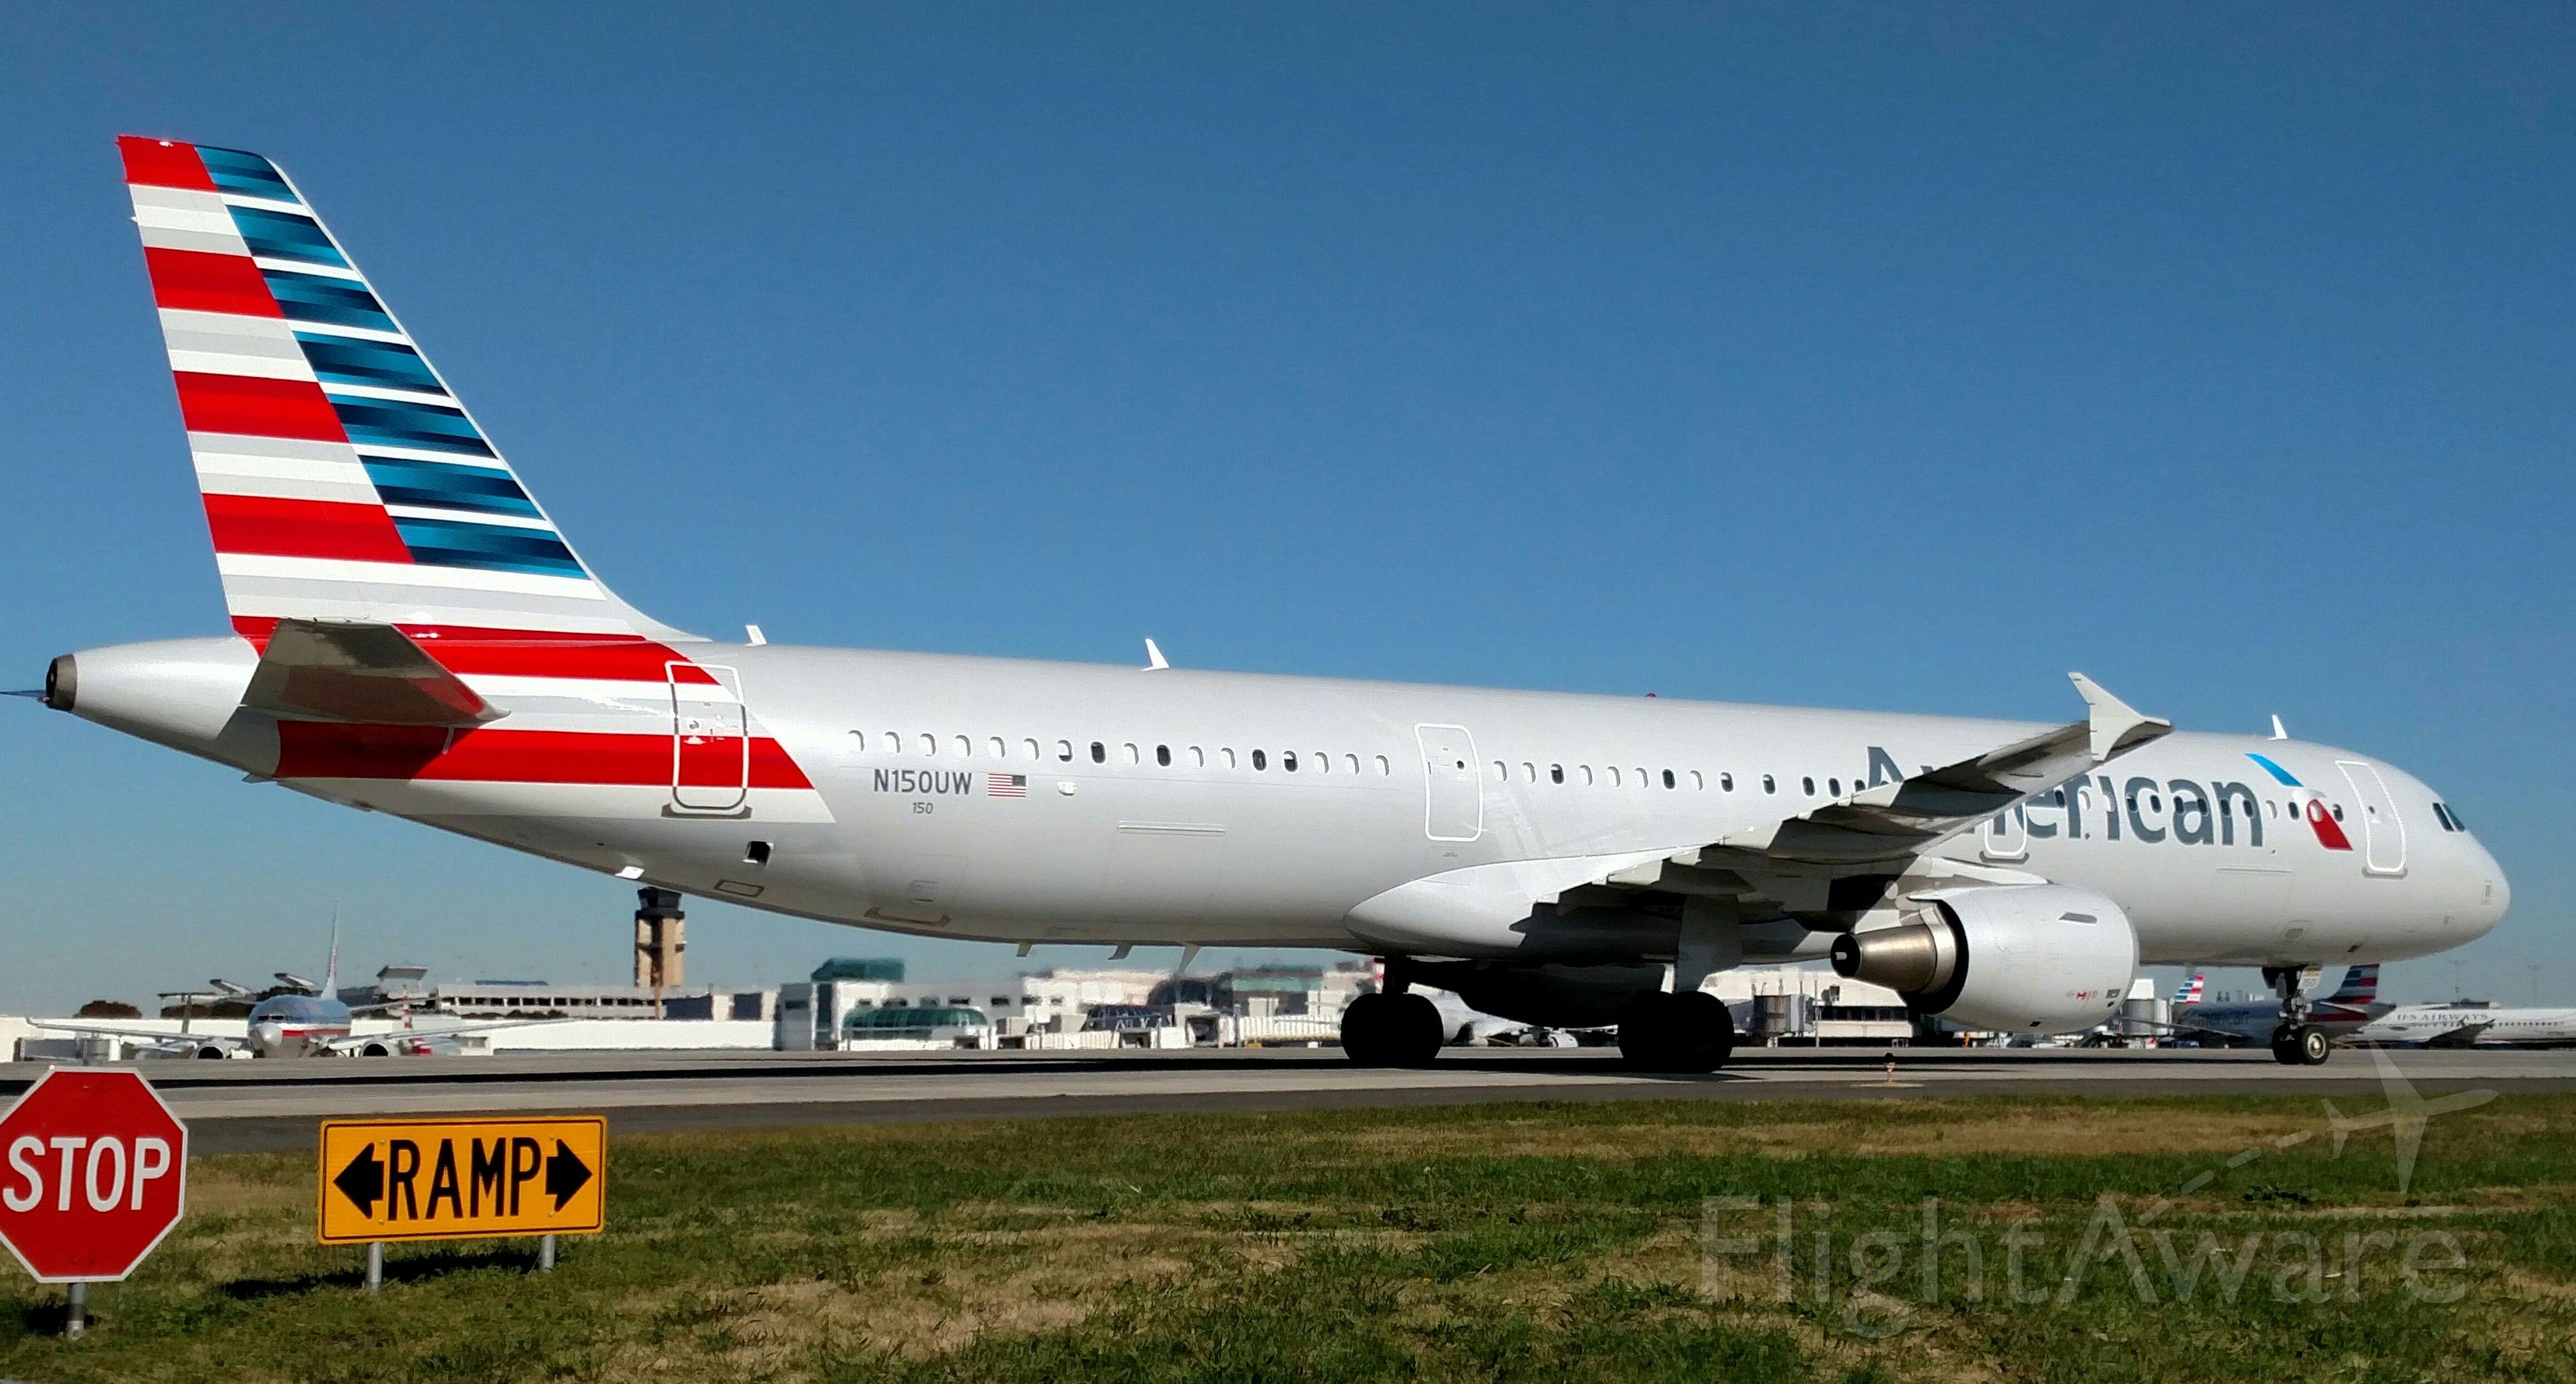 Airbus A321 (N150UW)